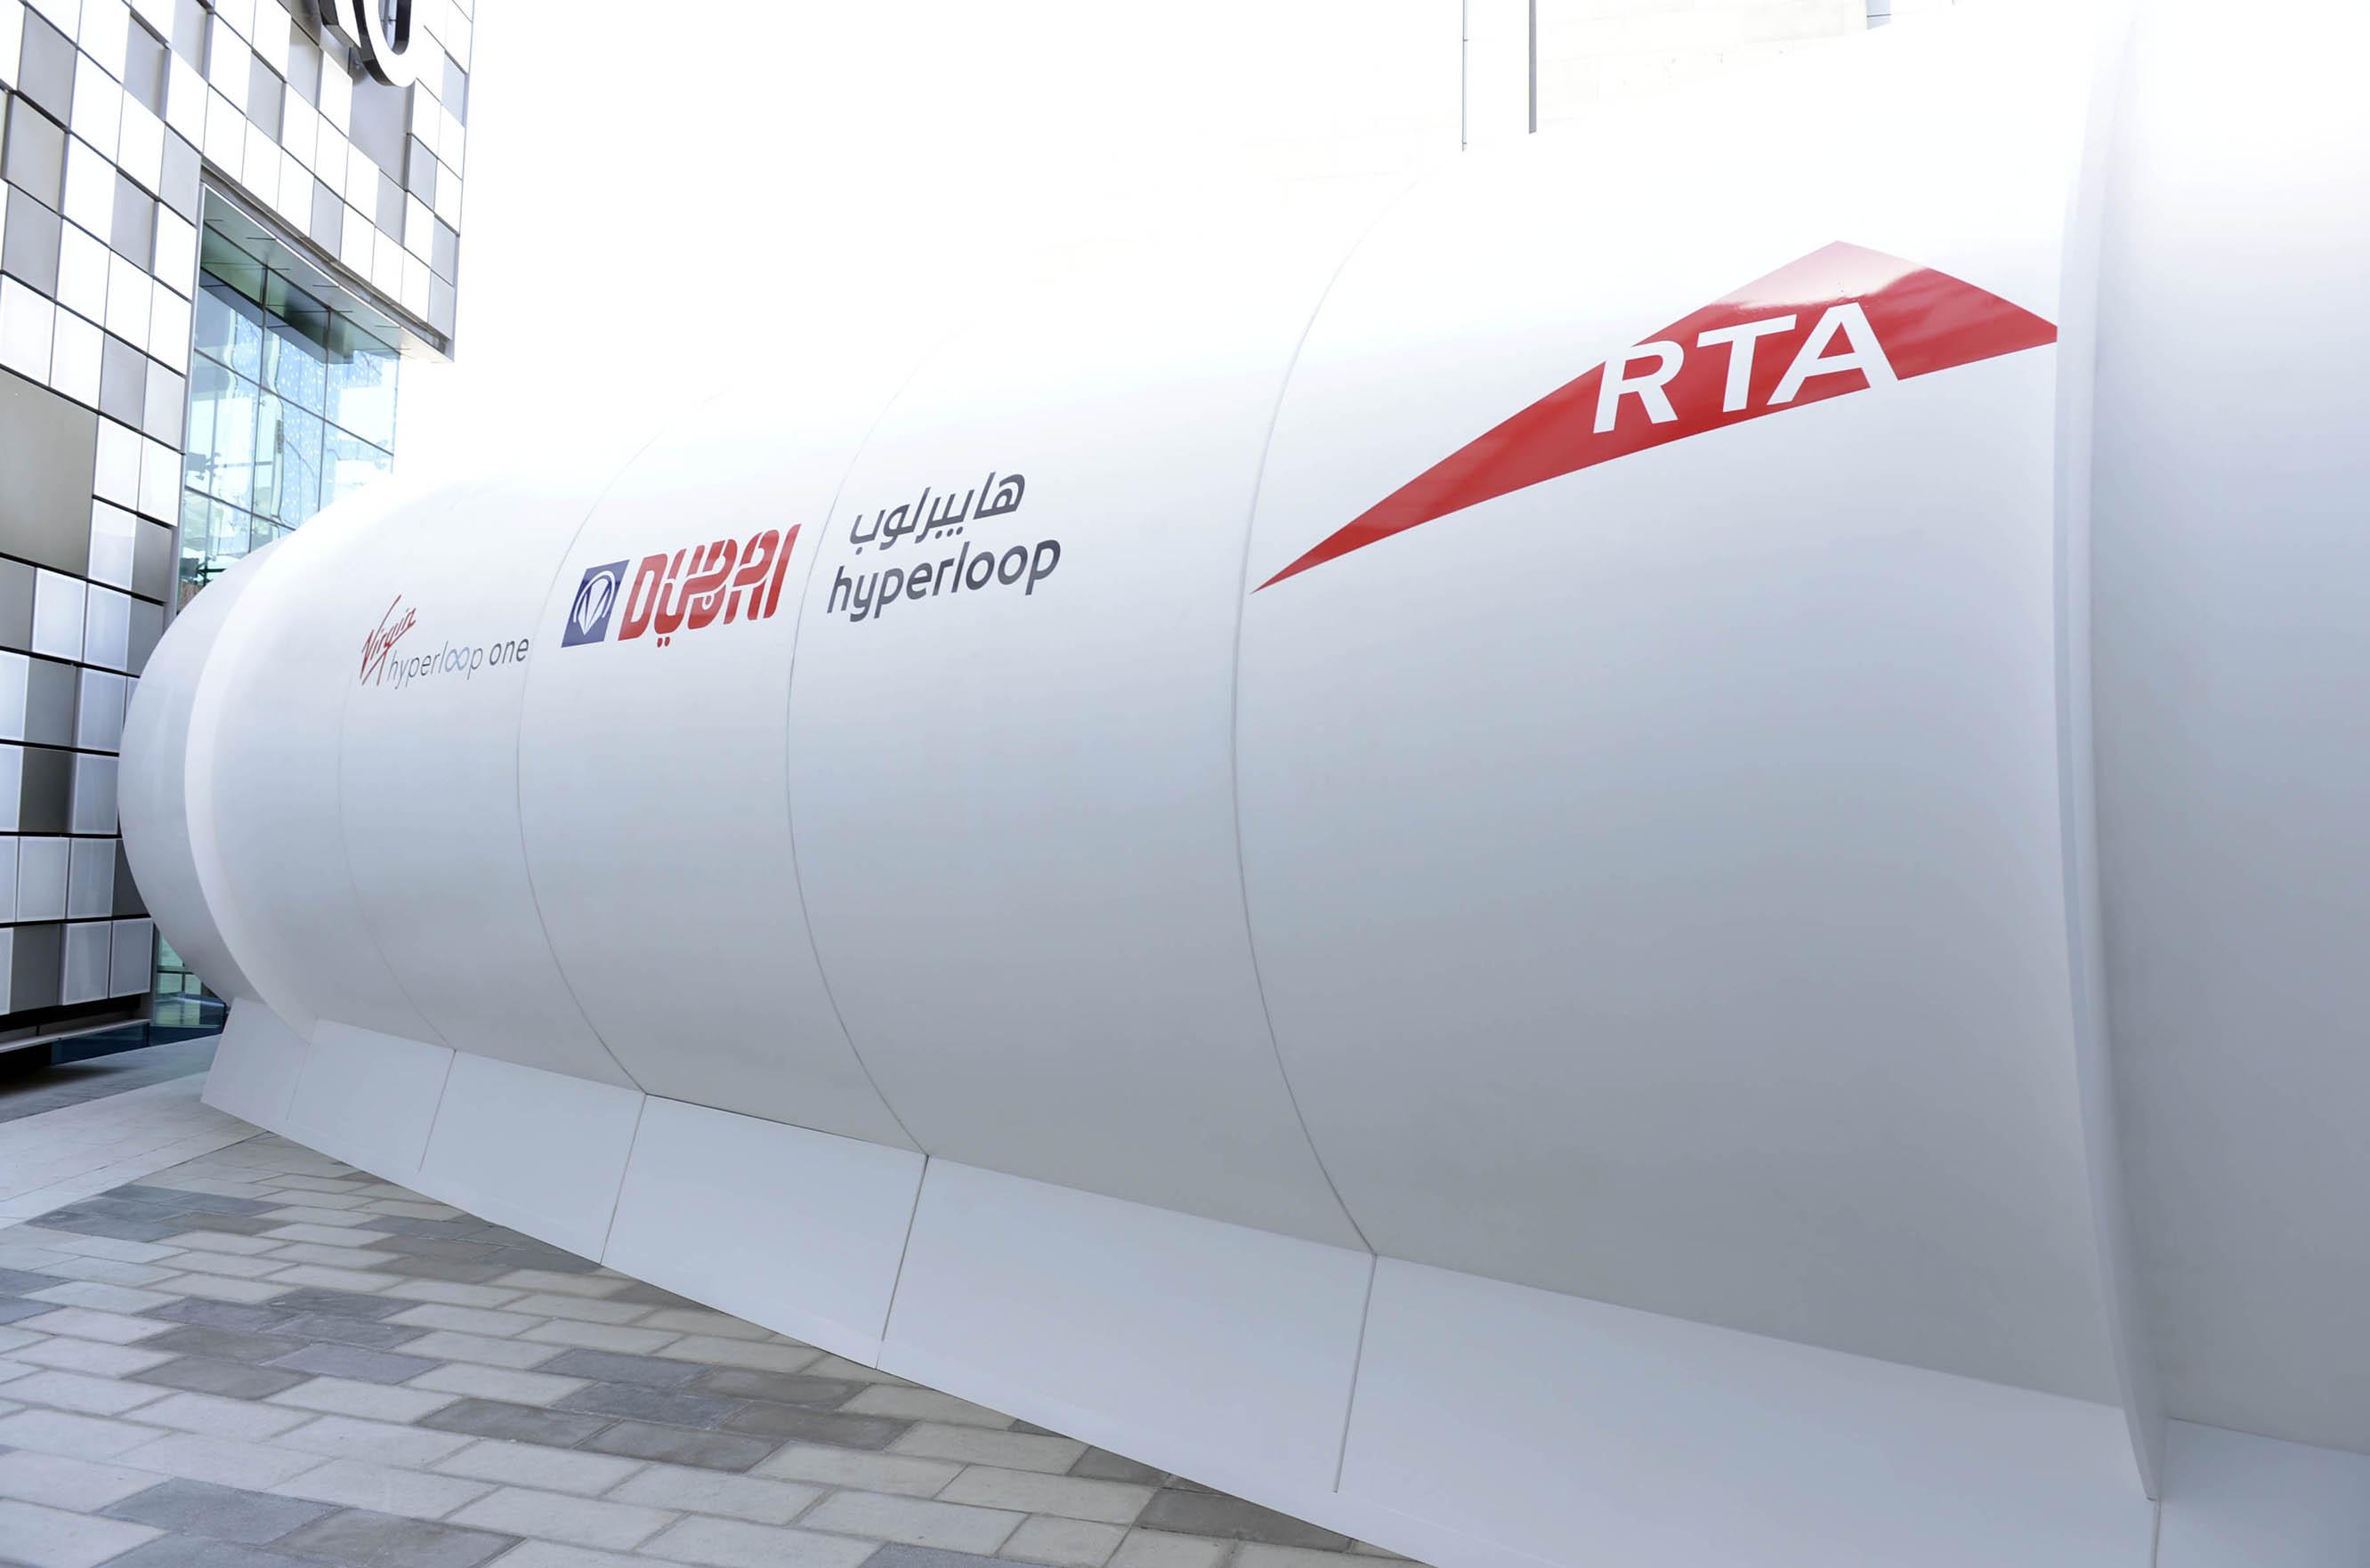 rta unveils hyperloop design prototype